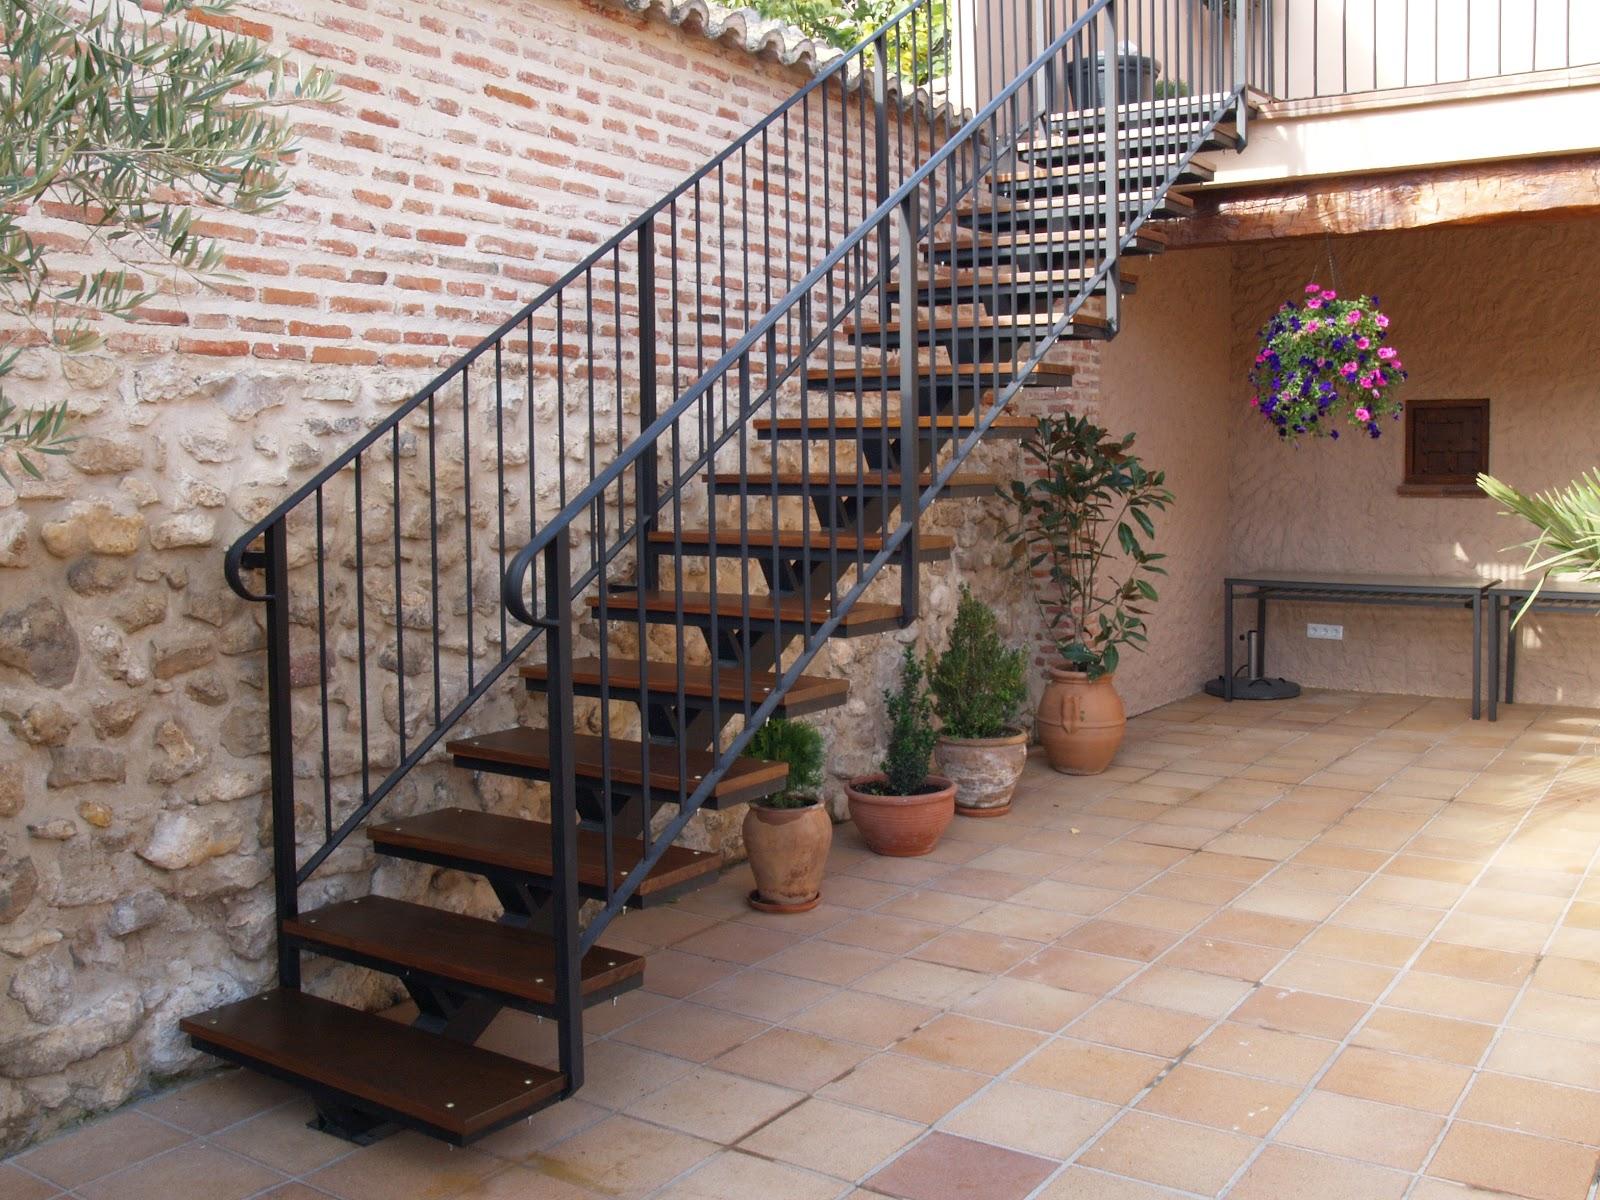 Escaleras exteriores de madera ideas de disenos for Escaleras exteriores